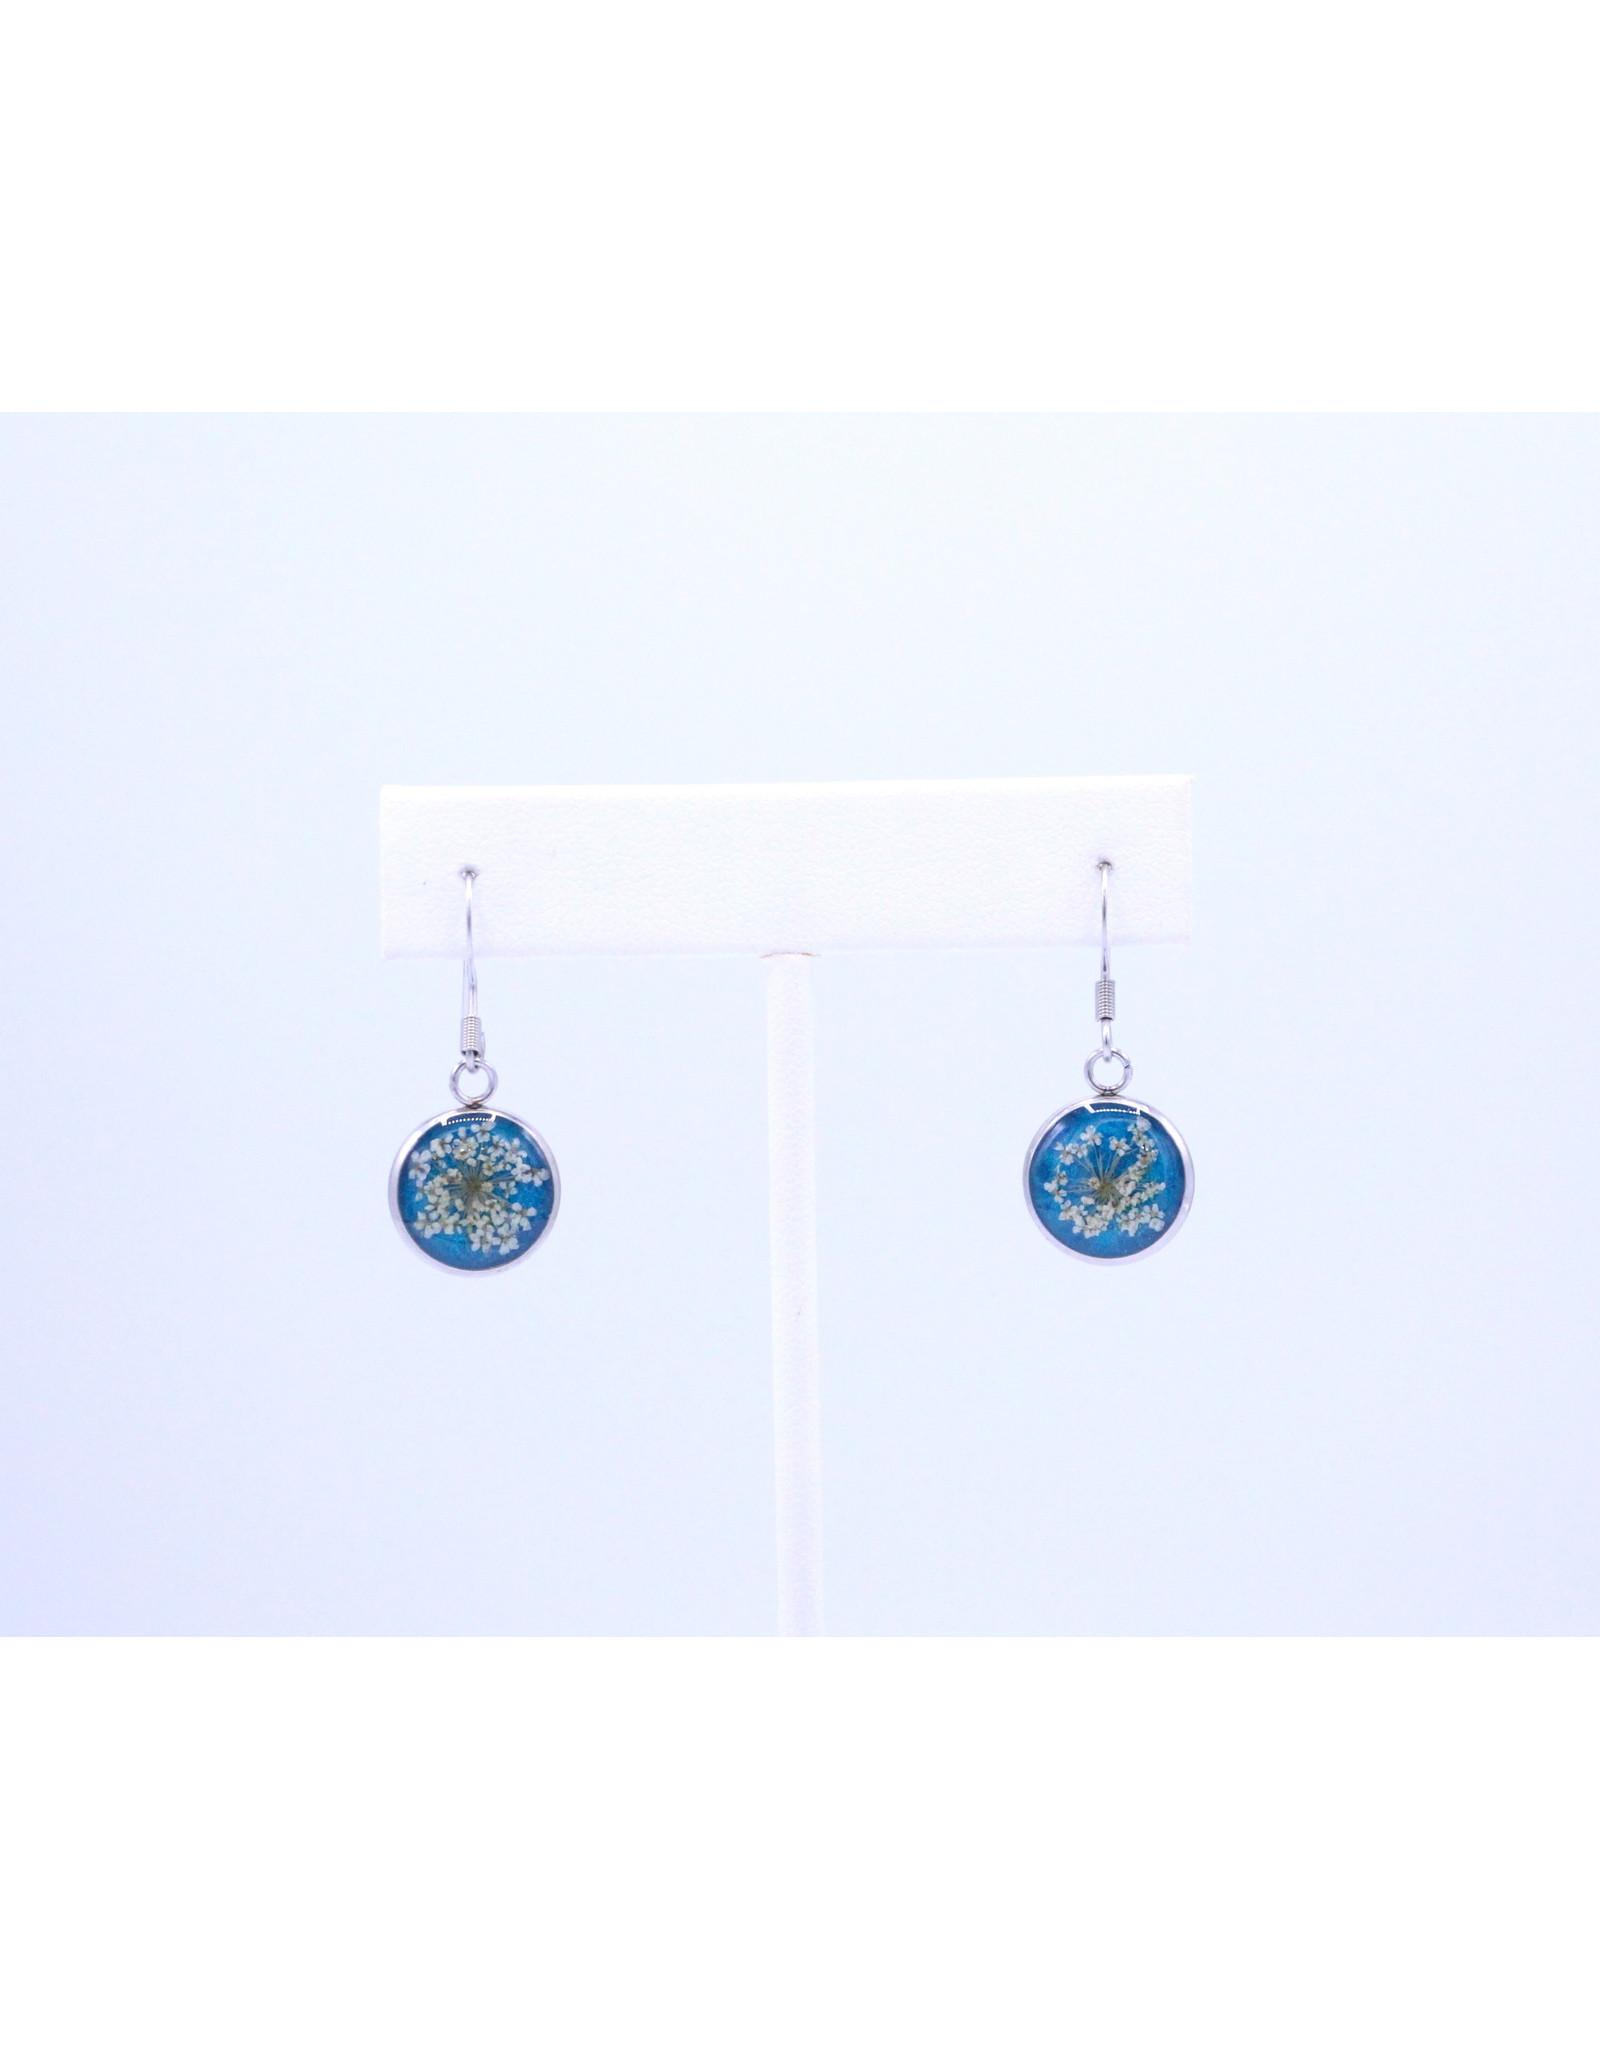 12mm Drop Queen Anne's Lace Earrings blue - J12DQALB2